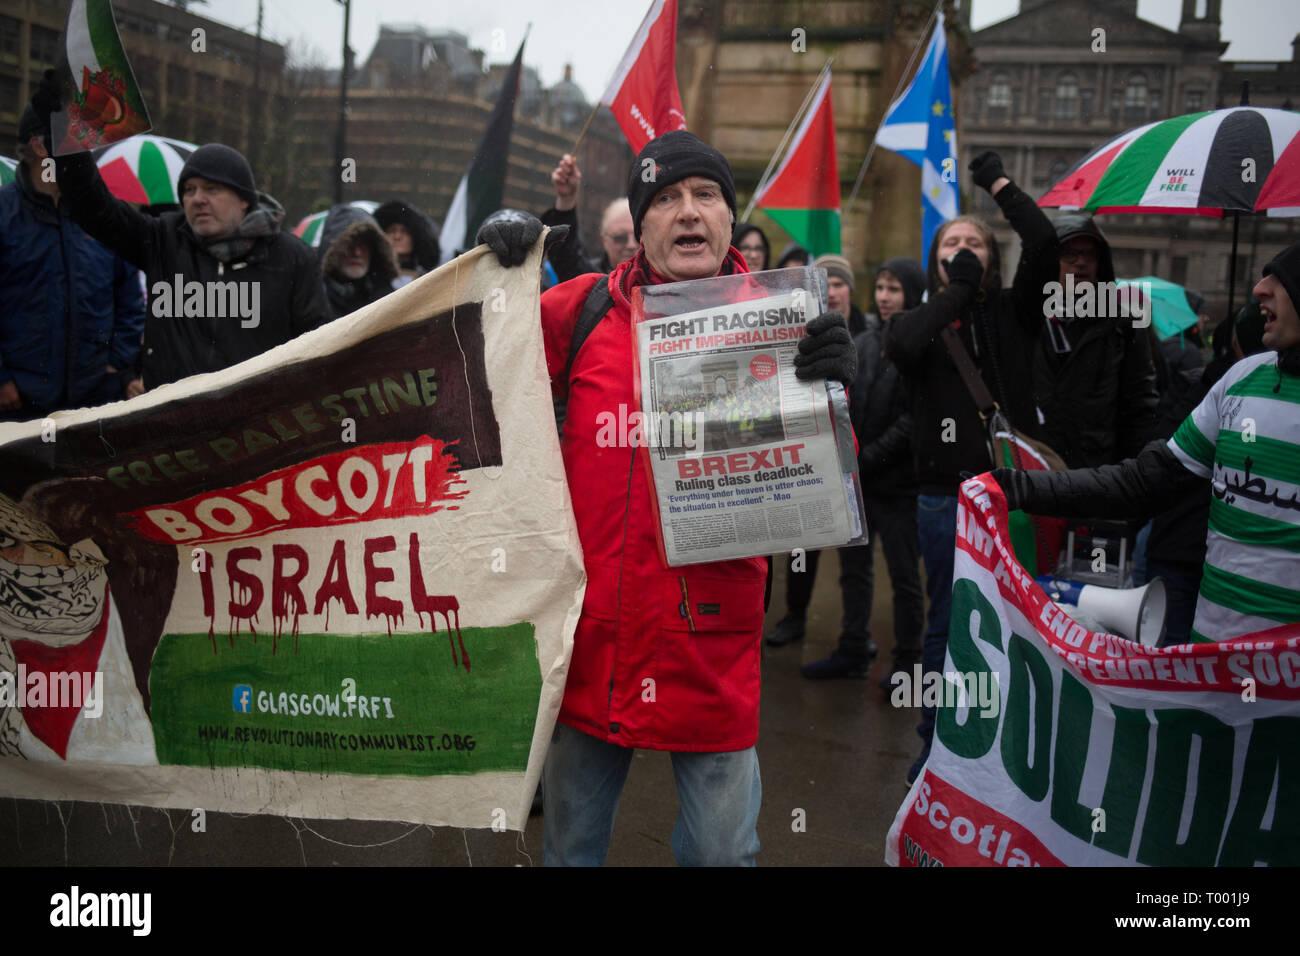 Glasgow, Escocia, el 16 de marzo de 2019. Pro-Israel Pro-Palestine y grupos se reúnen en un mitin anti-racismo en George Square, en Glasgow, Escocia, el 16 de marzo de 2019. Foto por: Jeremy Sutton-Hibbert/Alamy Live News. Foto de stock